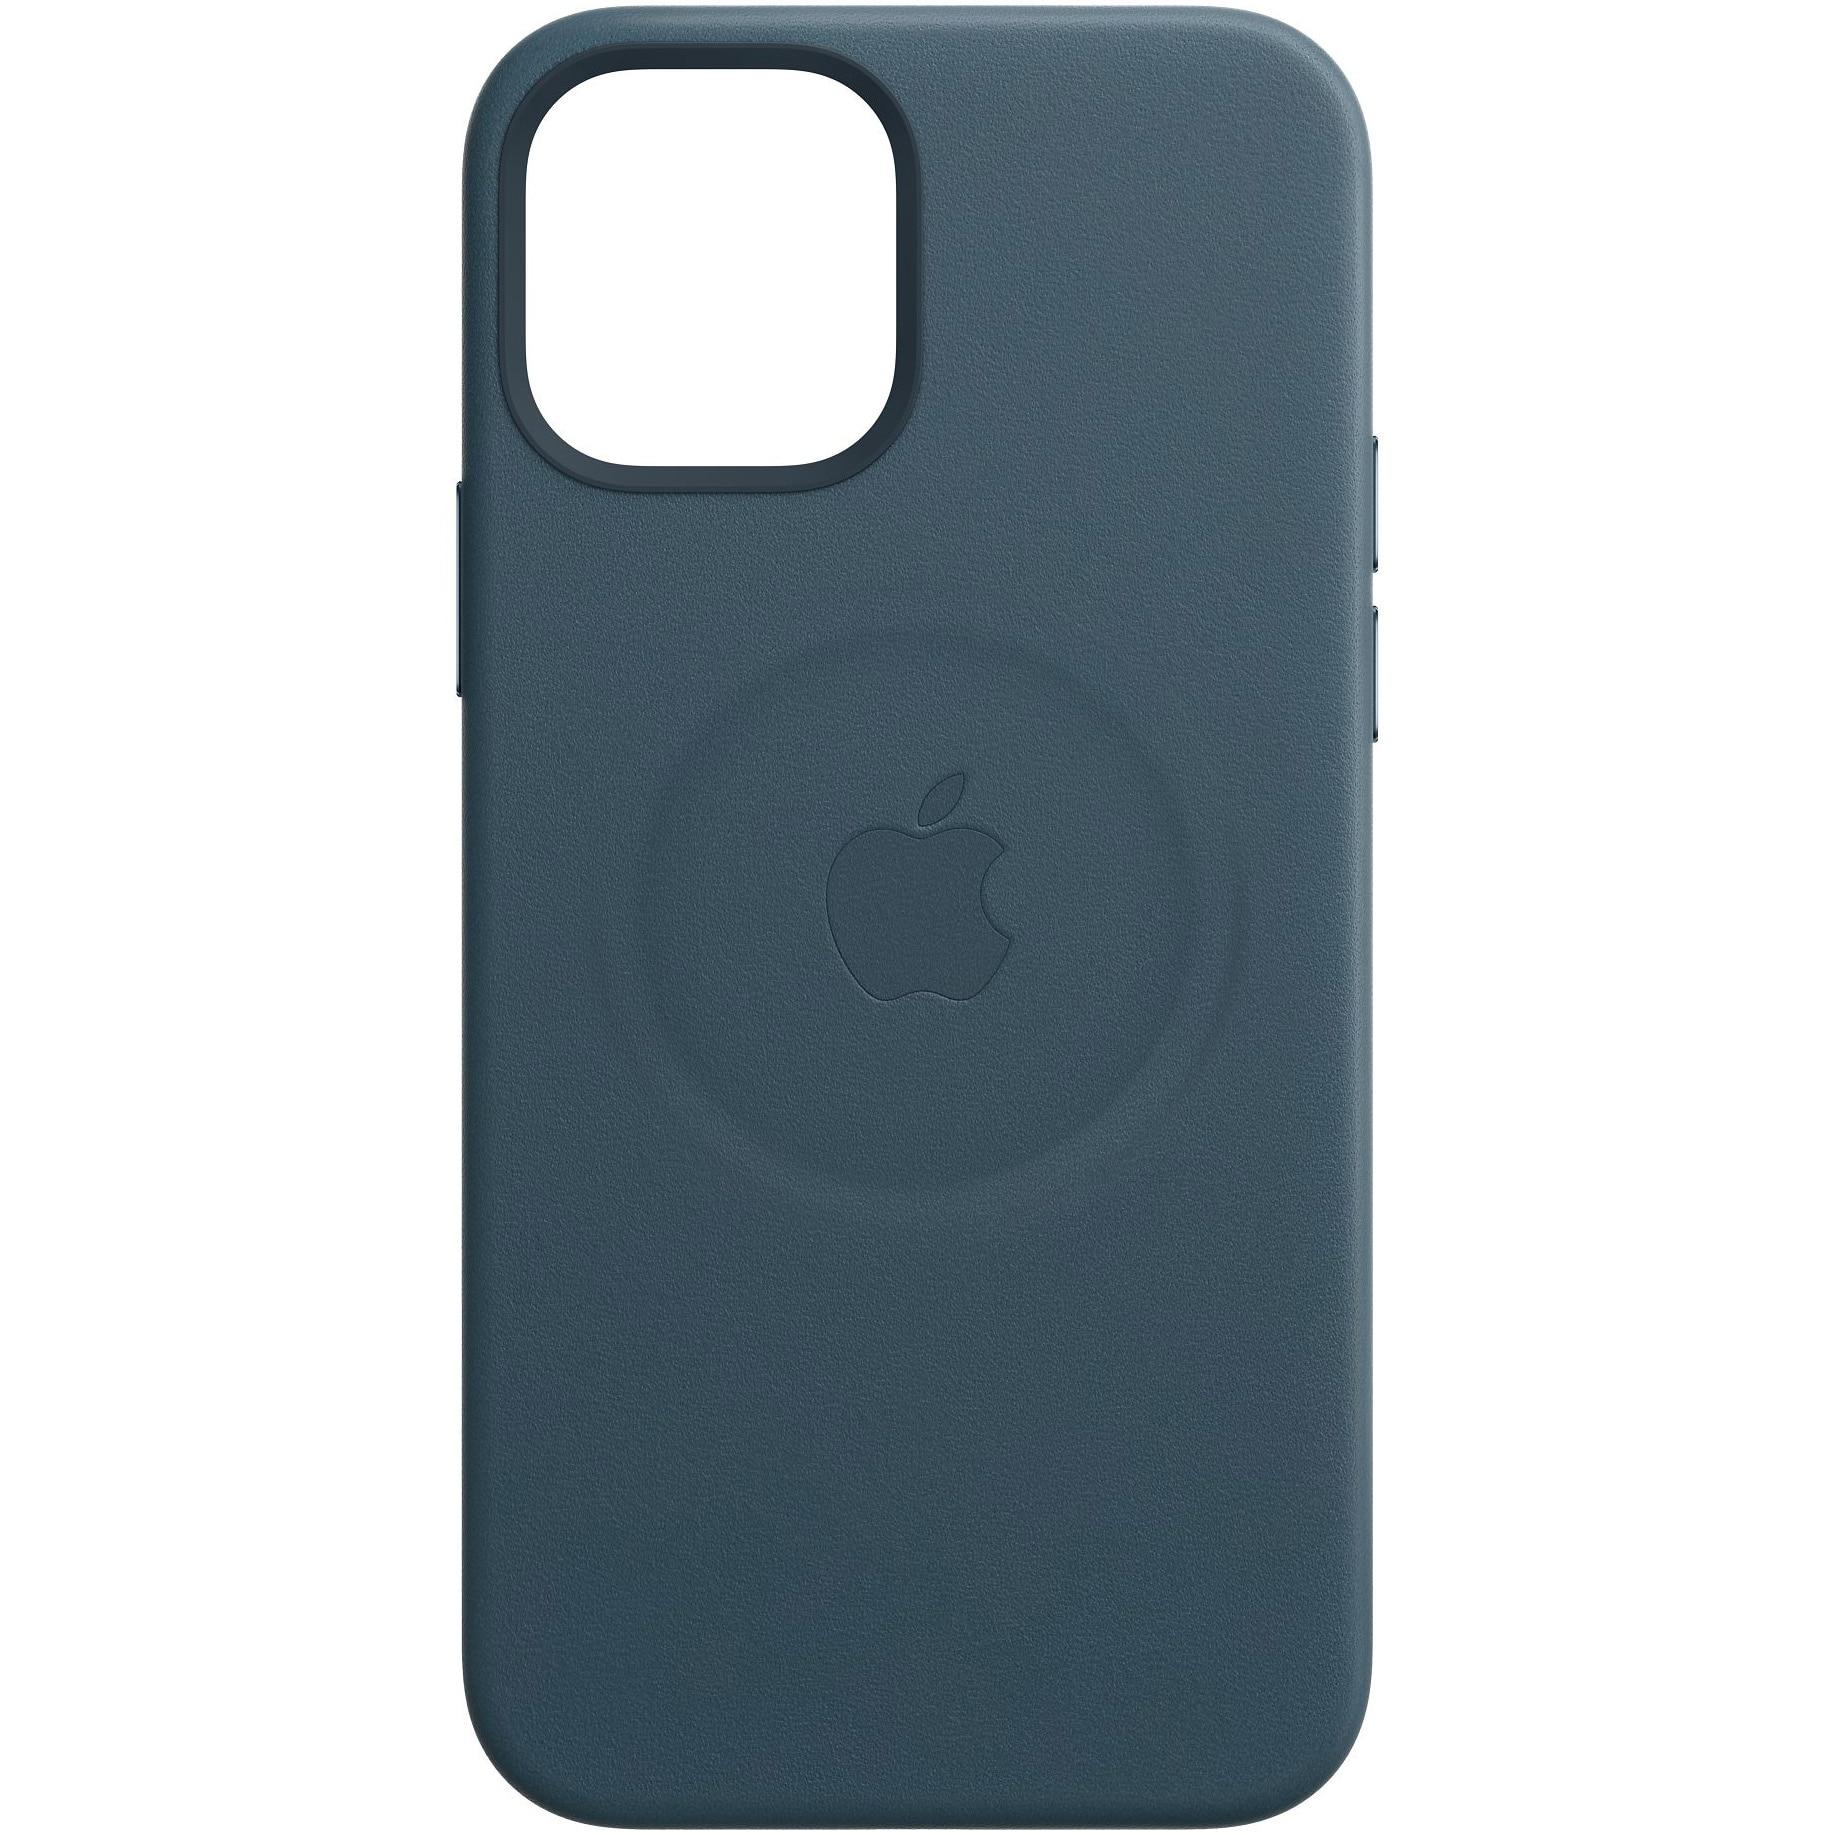 Fotografie Husa de protectie Apple Leather Case MagSafe pentru iPhone 12 Pro Max, Baltic Blue